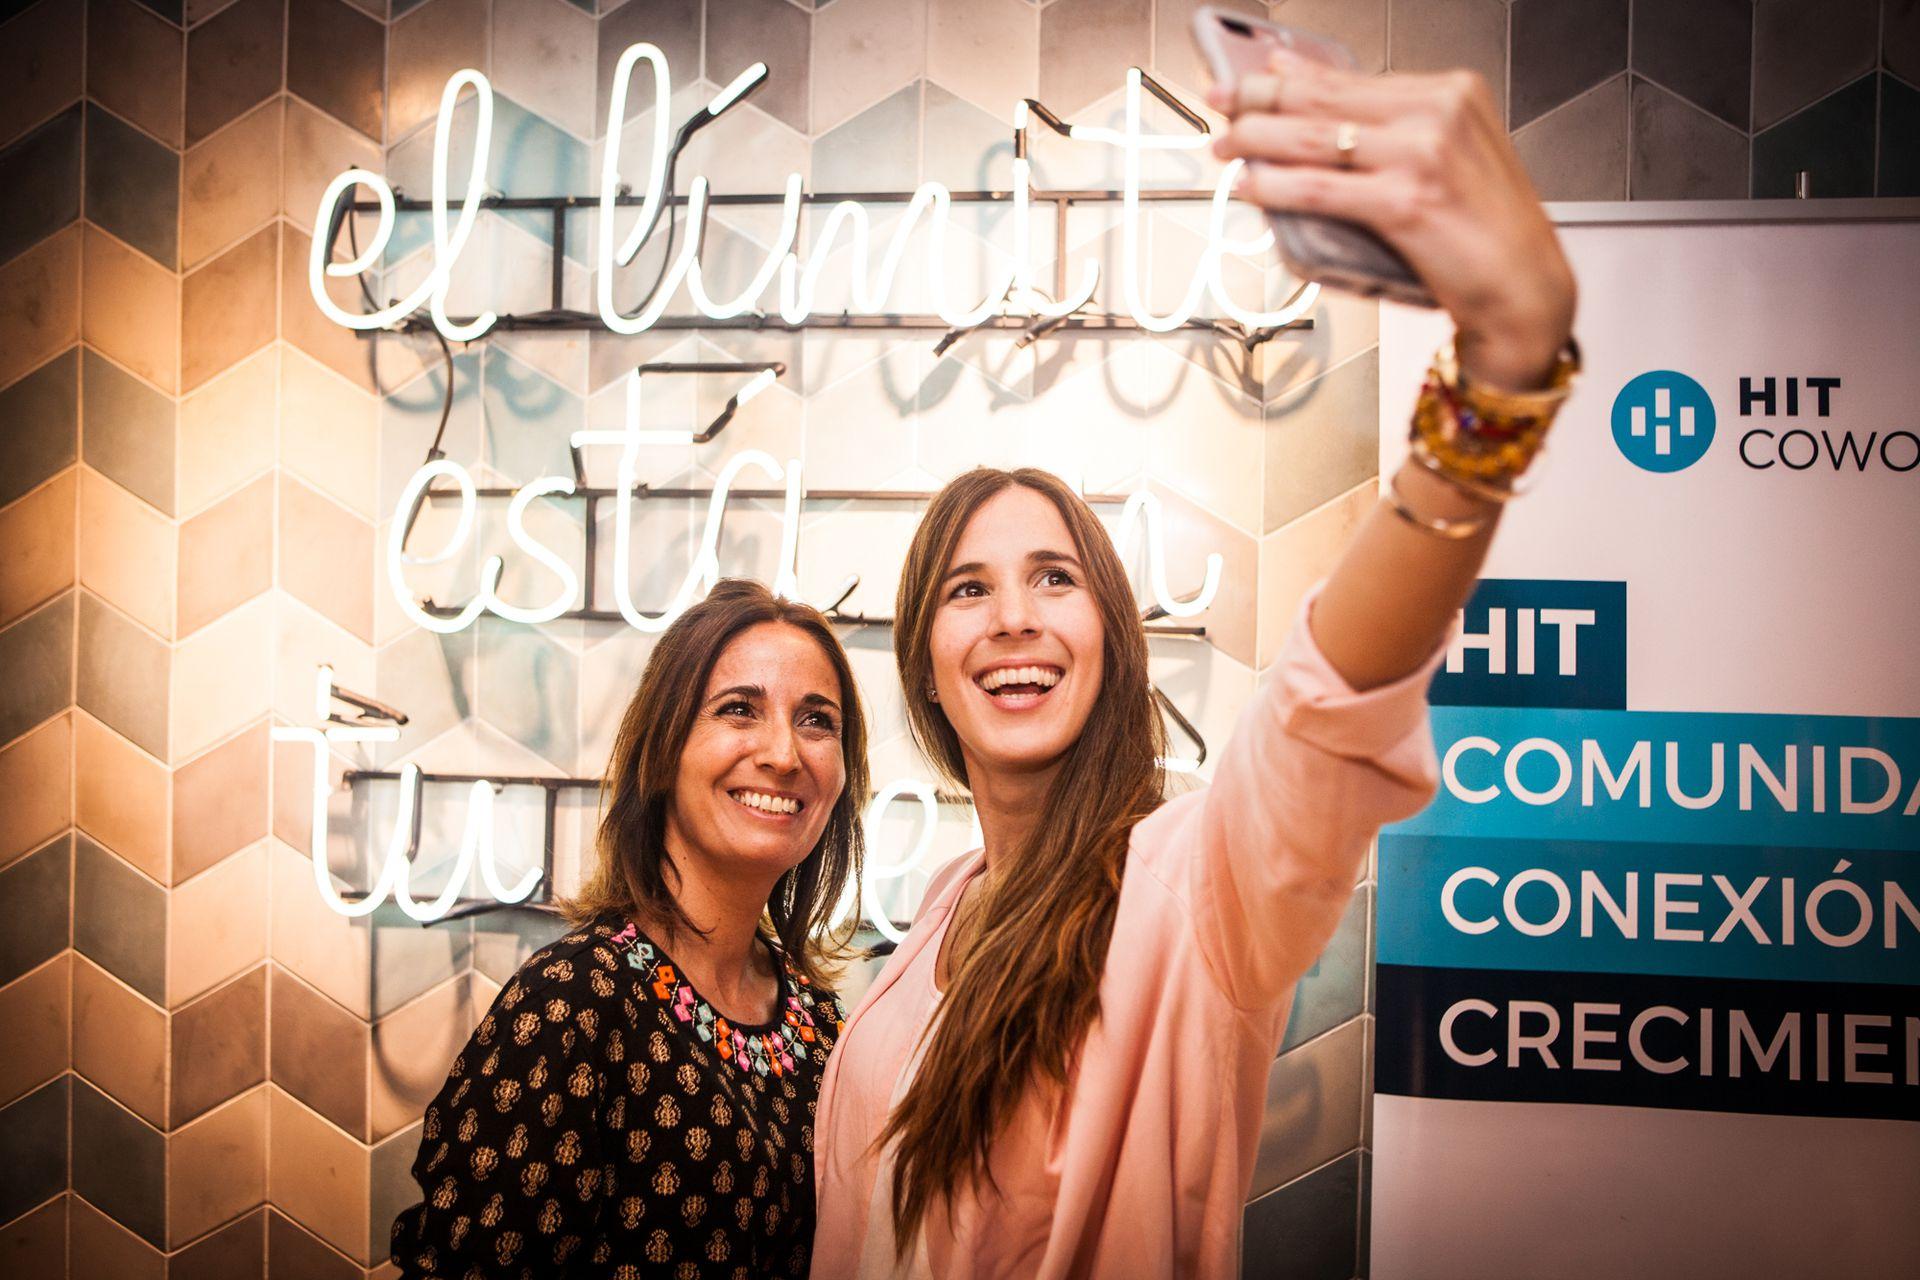 Momento selfie: el evento estuvo pensado para que todas tuvieran tiempo de socializar y divertirse, además de conocer la propuesta de OHLALÁ! Makers.